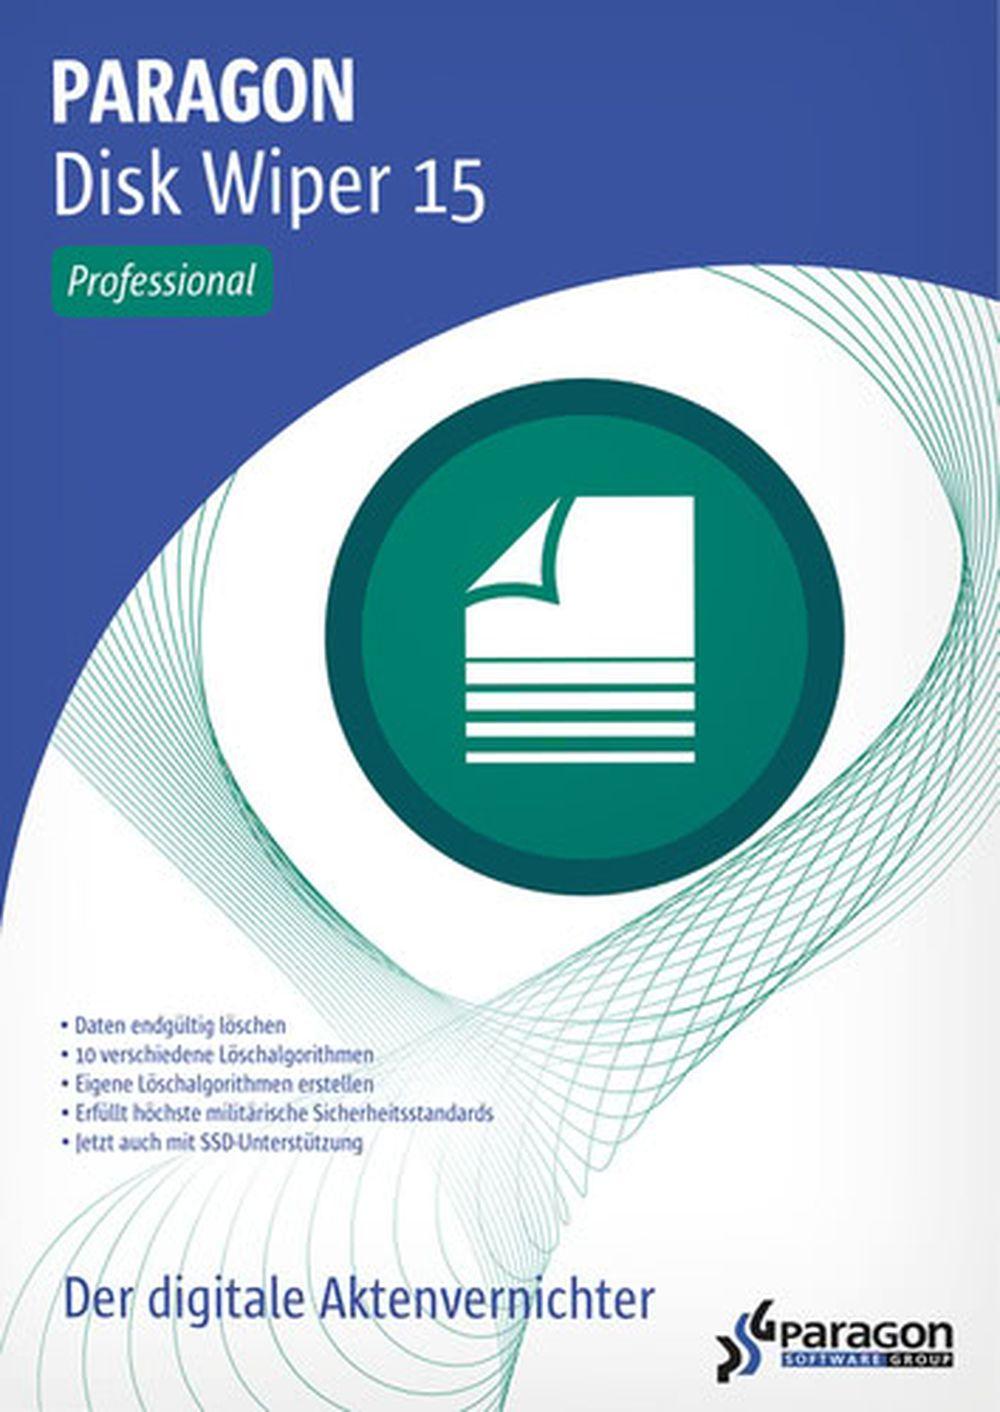 Disk Wiper 15 Professional - Nach höchsten militärischen und behördlichen Sicherheitsstandards Daten endgültig löschen! Windows 10, 8.1, 8, 7, Vista, XP - Löschen Festplatte